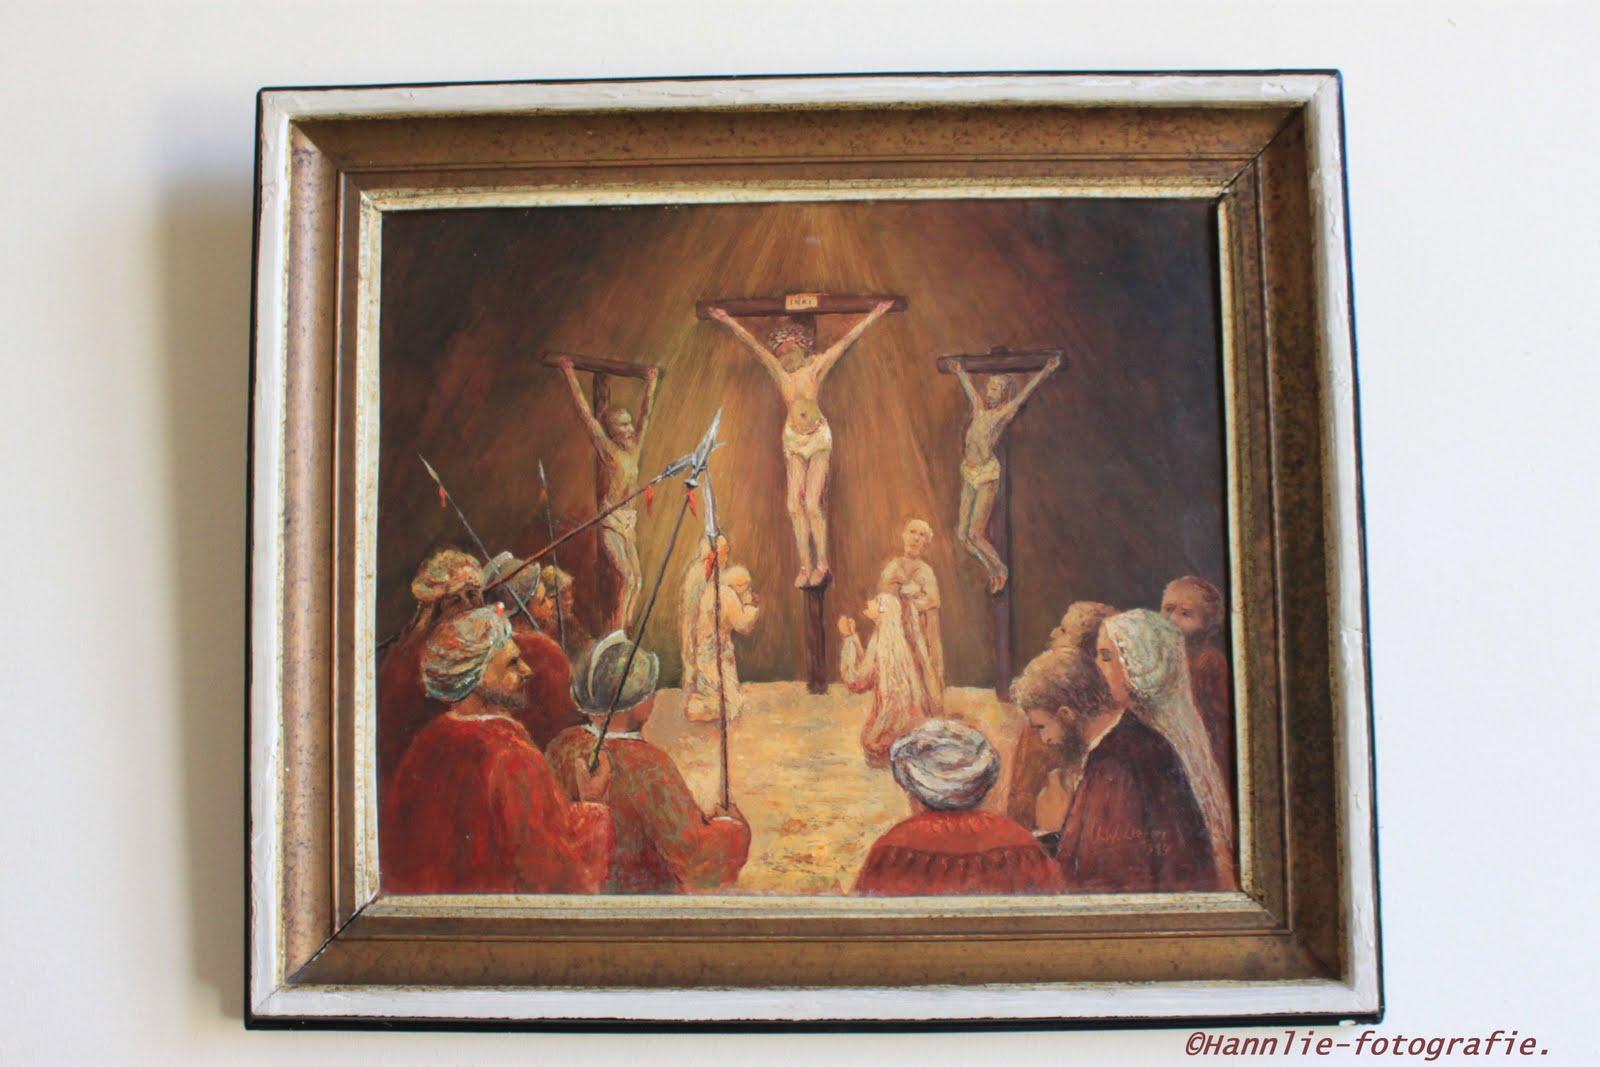 Hannlie fotografie grote of andreaskerk in hattem 4 - Schilderij van gang ...